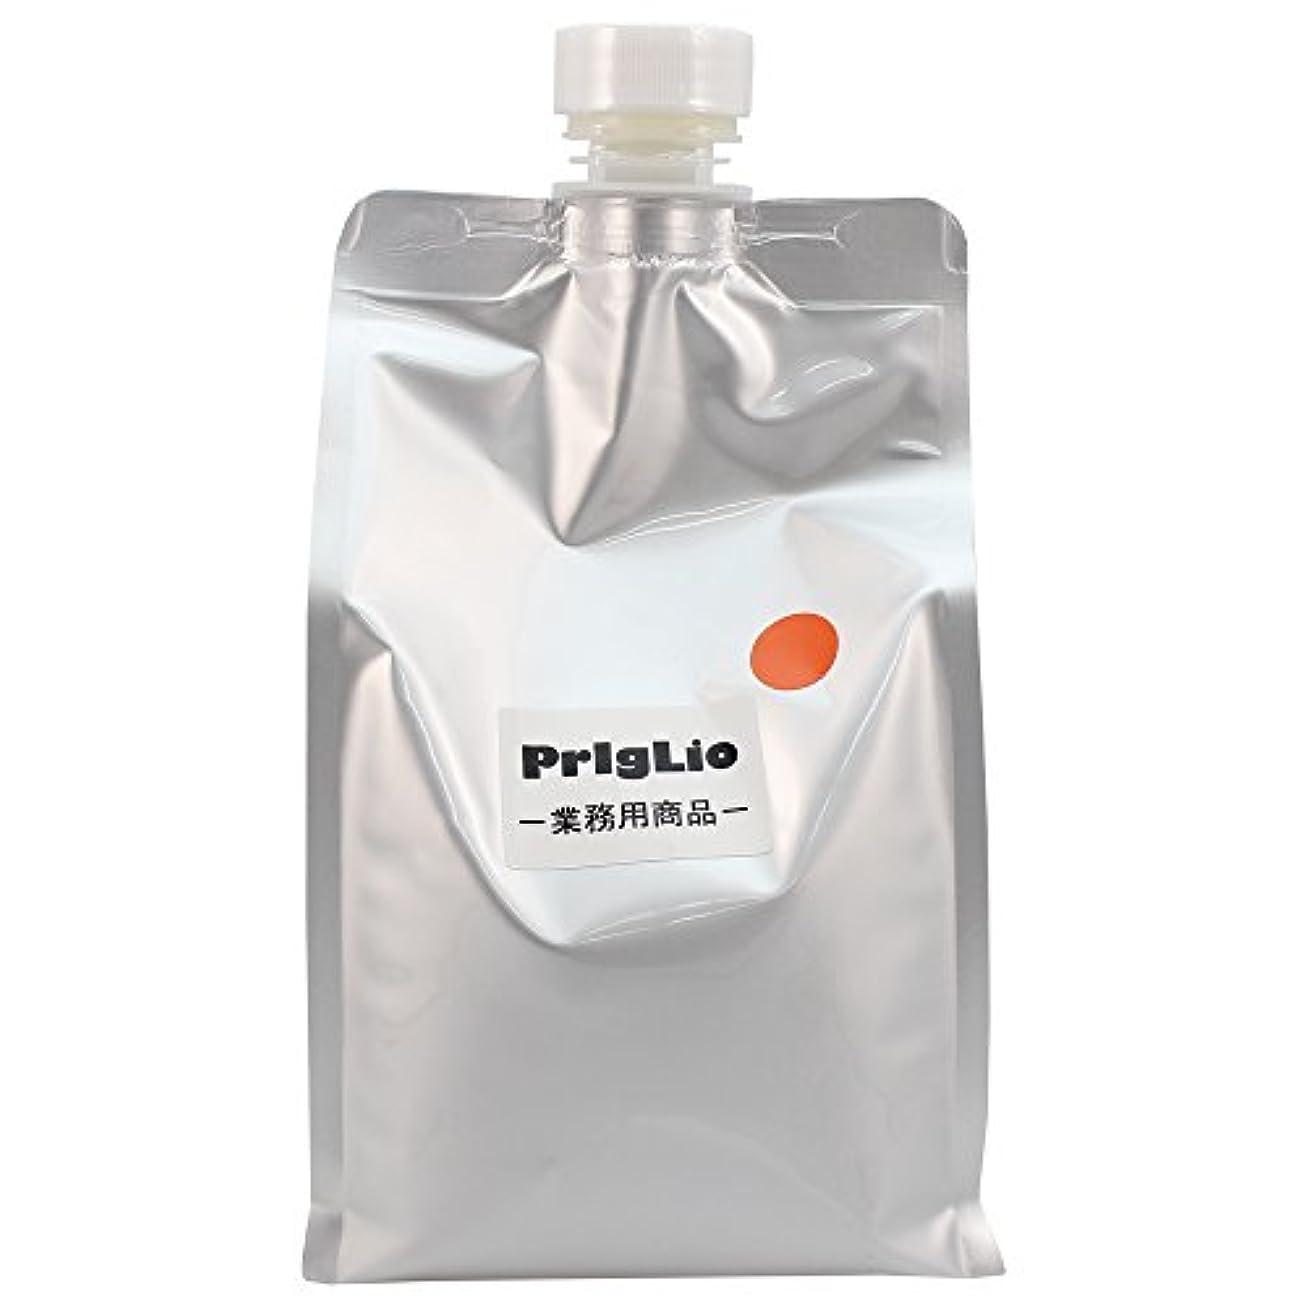 ほうき値選ぶプリグリオD ナチュラルハーブシャンプー オレンジ 900ml